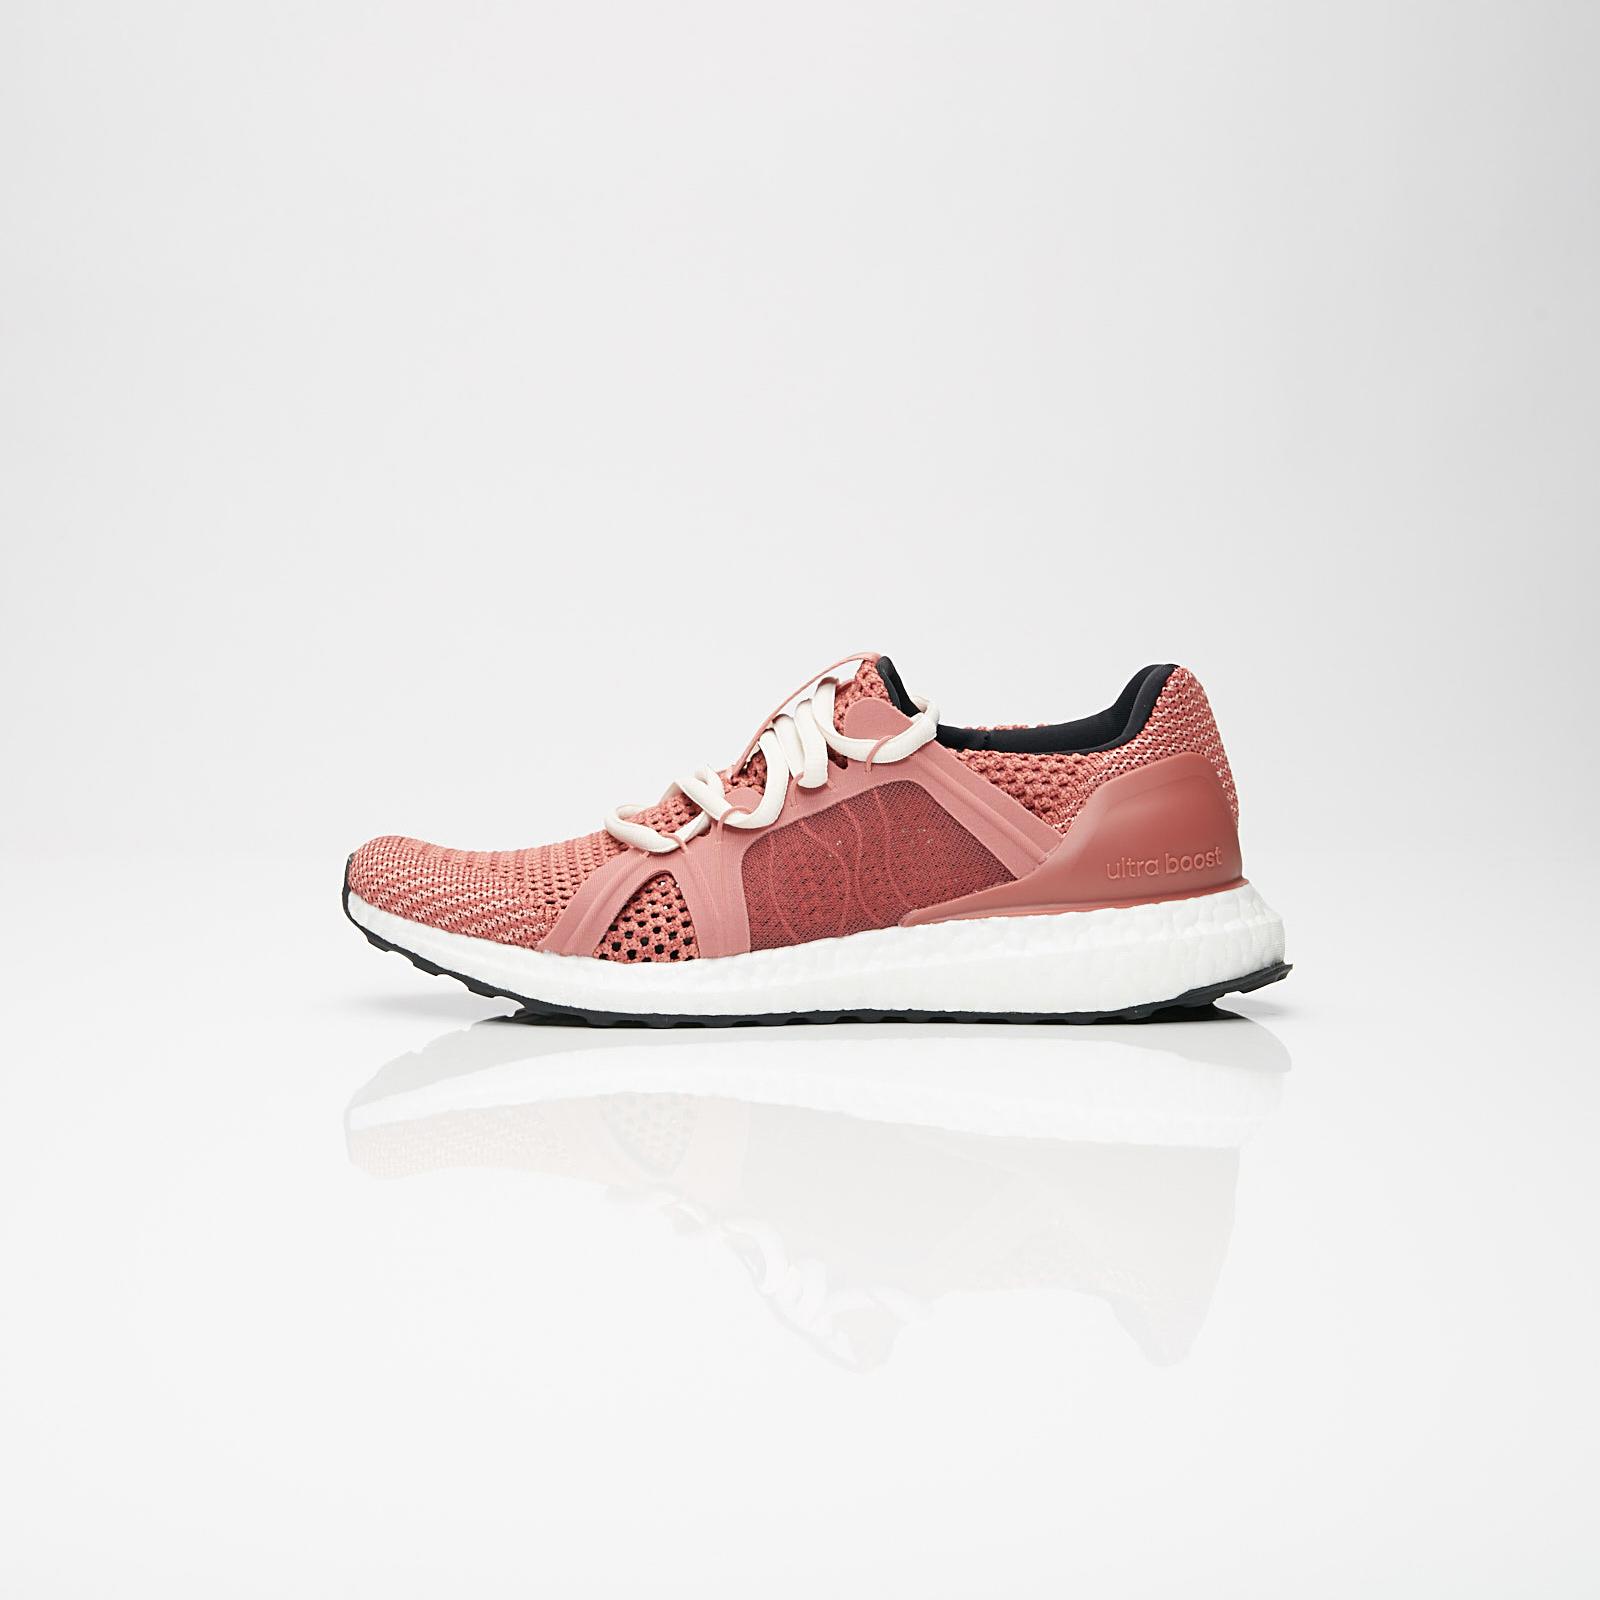 35f5b00d13d35 adidas UltraBOOST - Ac7565 - Sneakersnstuff